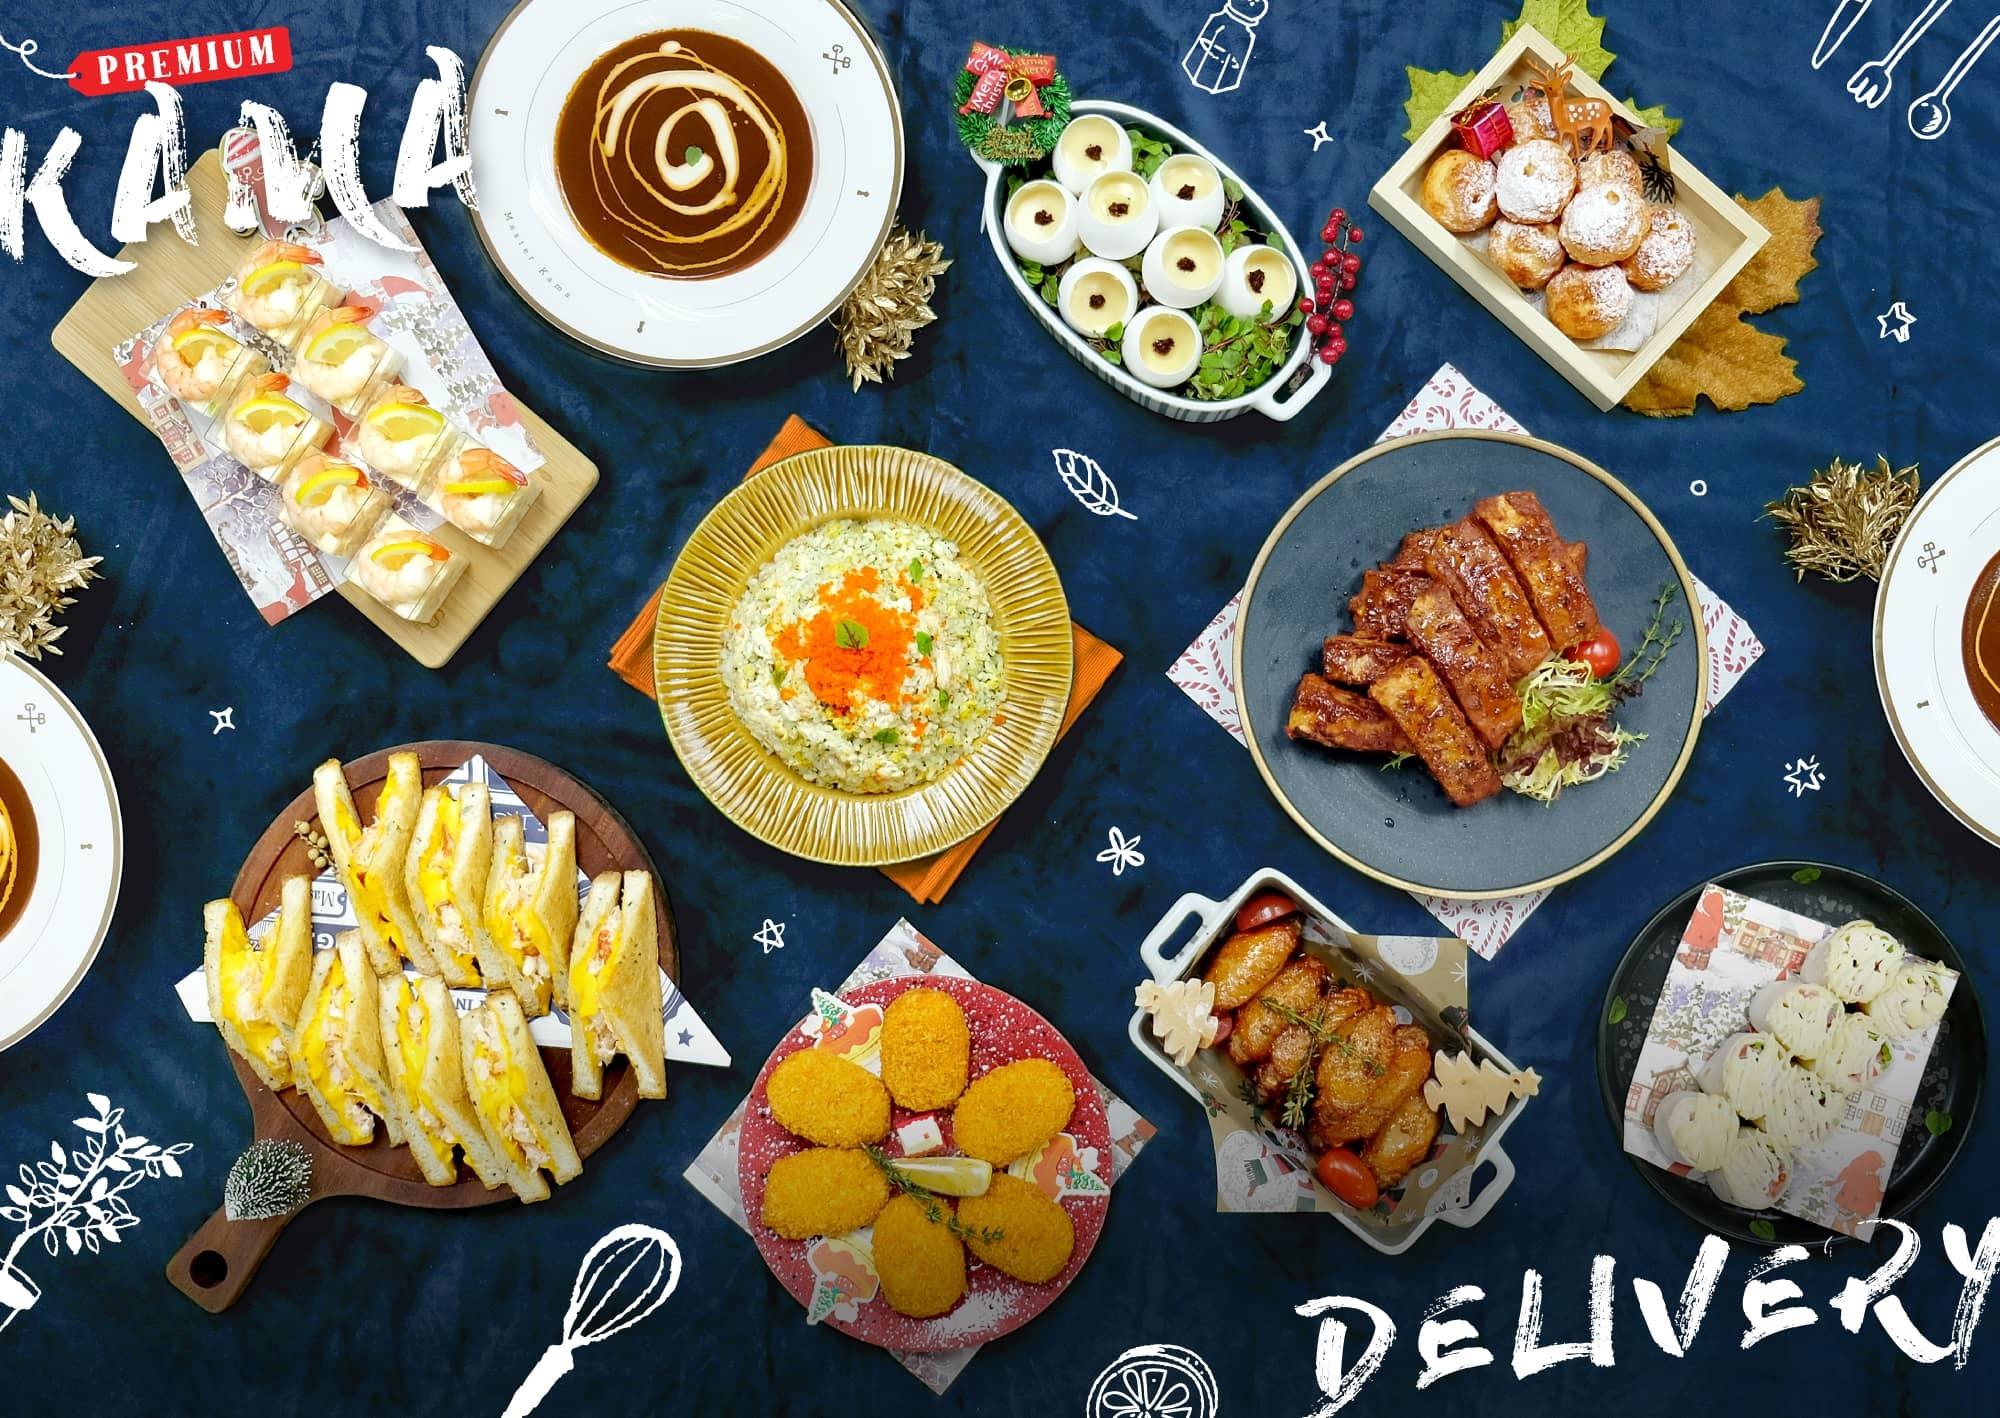 34人外賣套餐推介|Kama Delivery大型直送到會菜單|精選自訂人數餐盒|全港免費送貨優惠